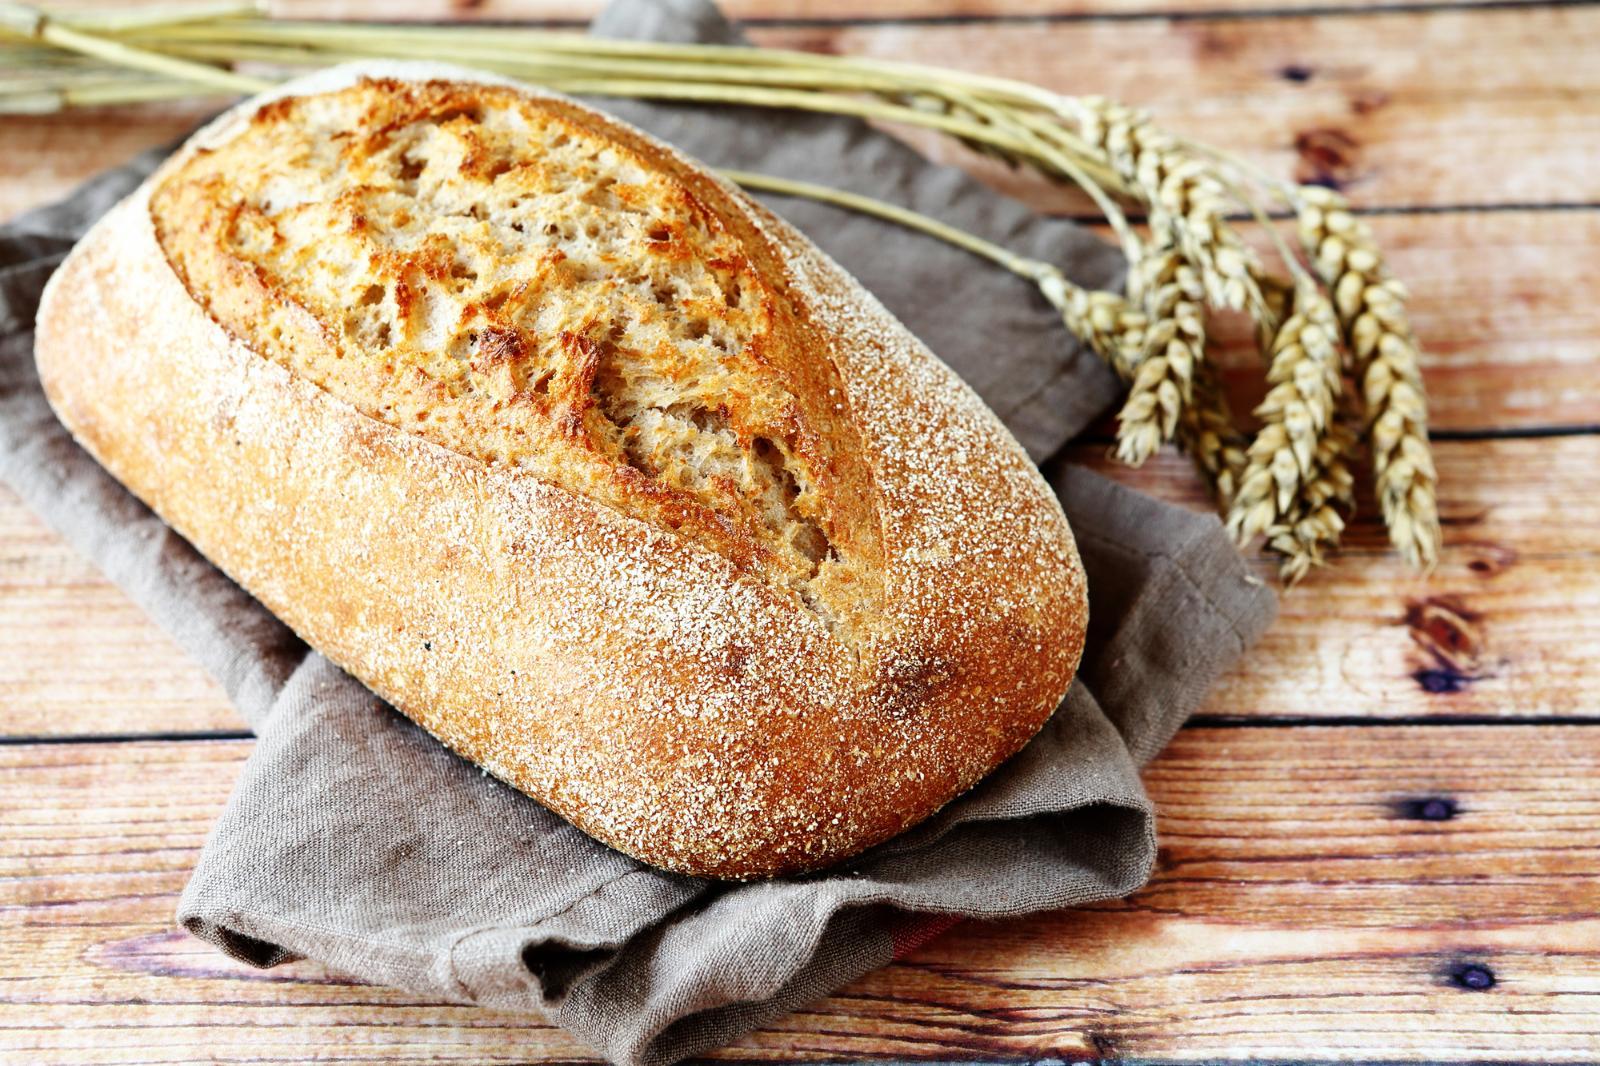 Идеально для бутербродов: готовим домашний сырный хлеб в духовке